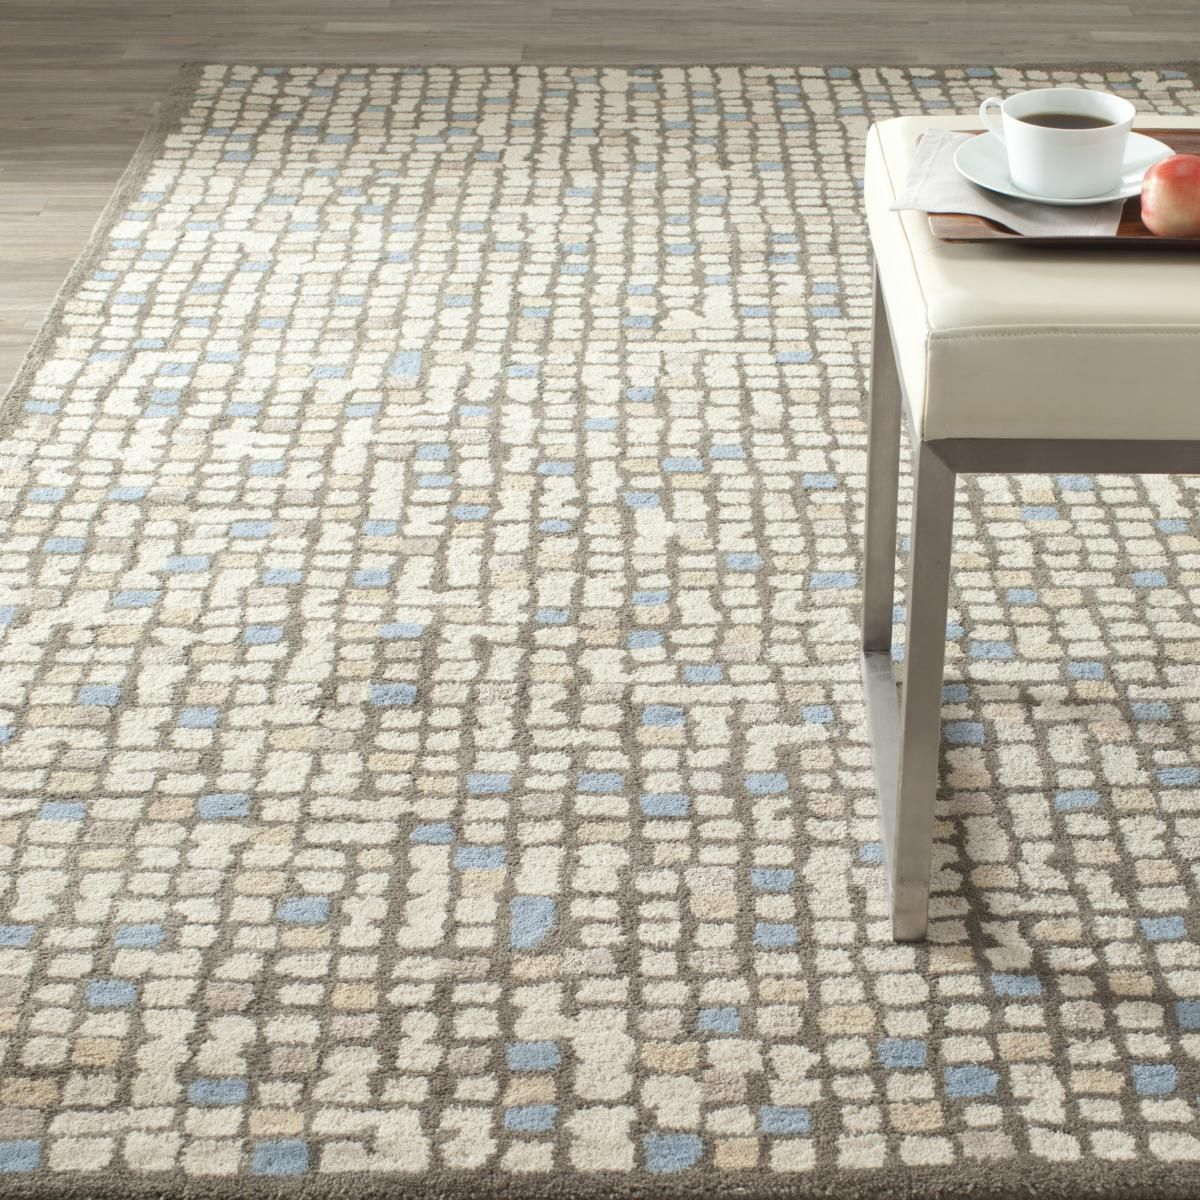 Rug MSR3623C Mosaic   Martha Stewart Area Rugs By Safavieh